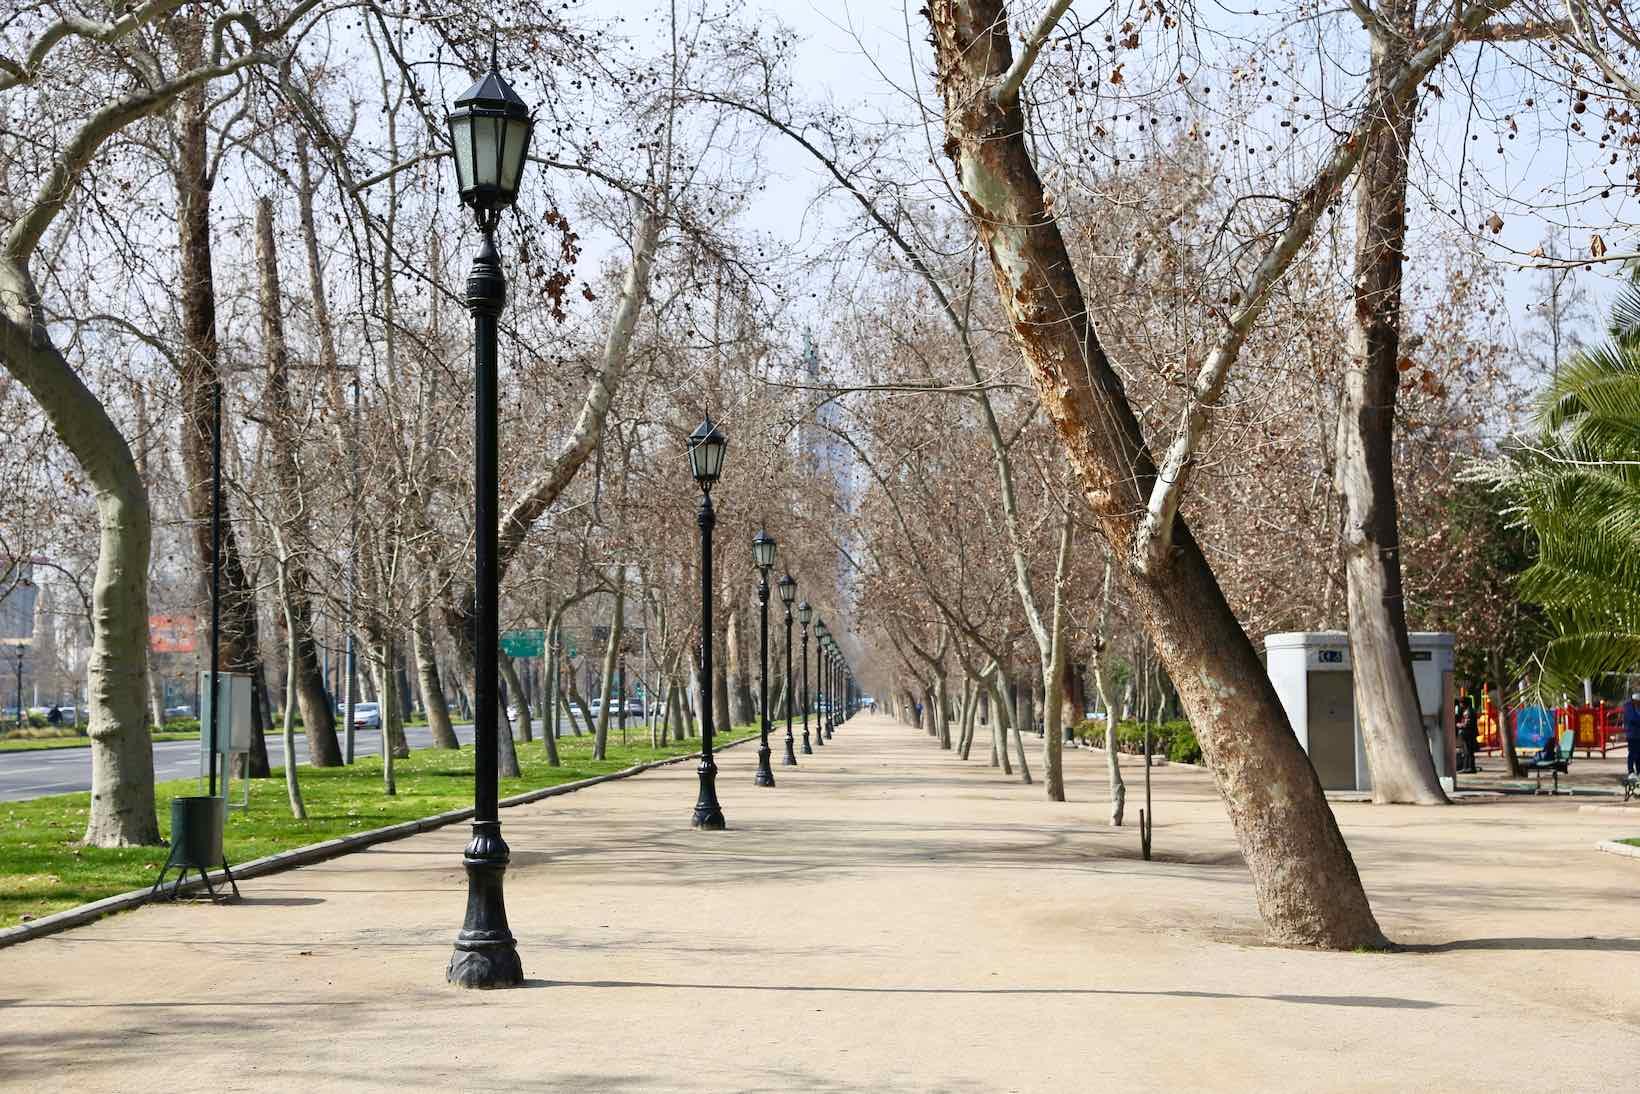 santiago chile parque florestal